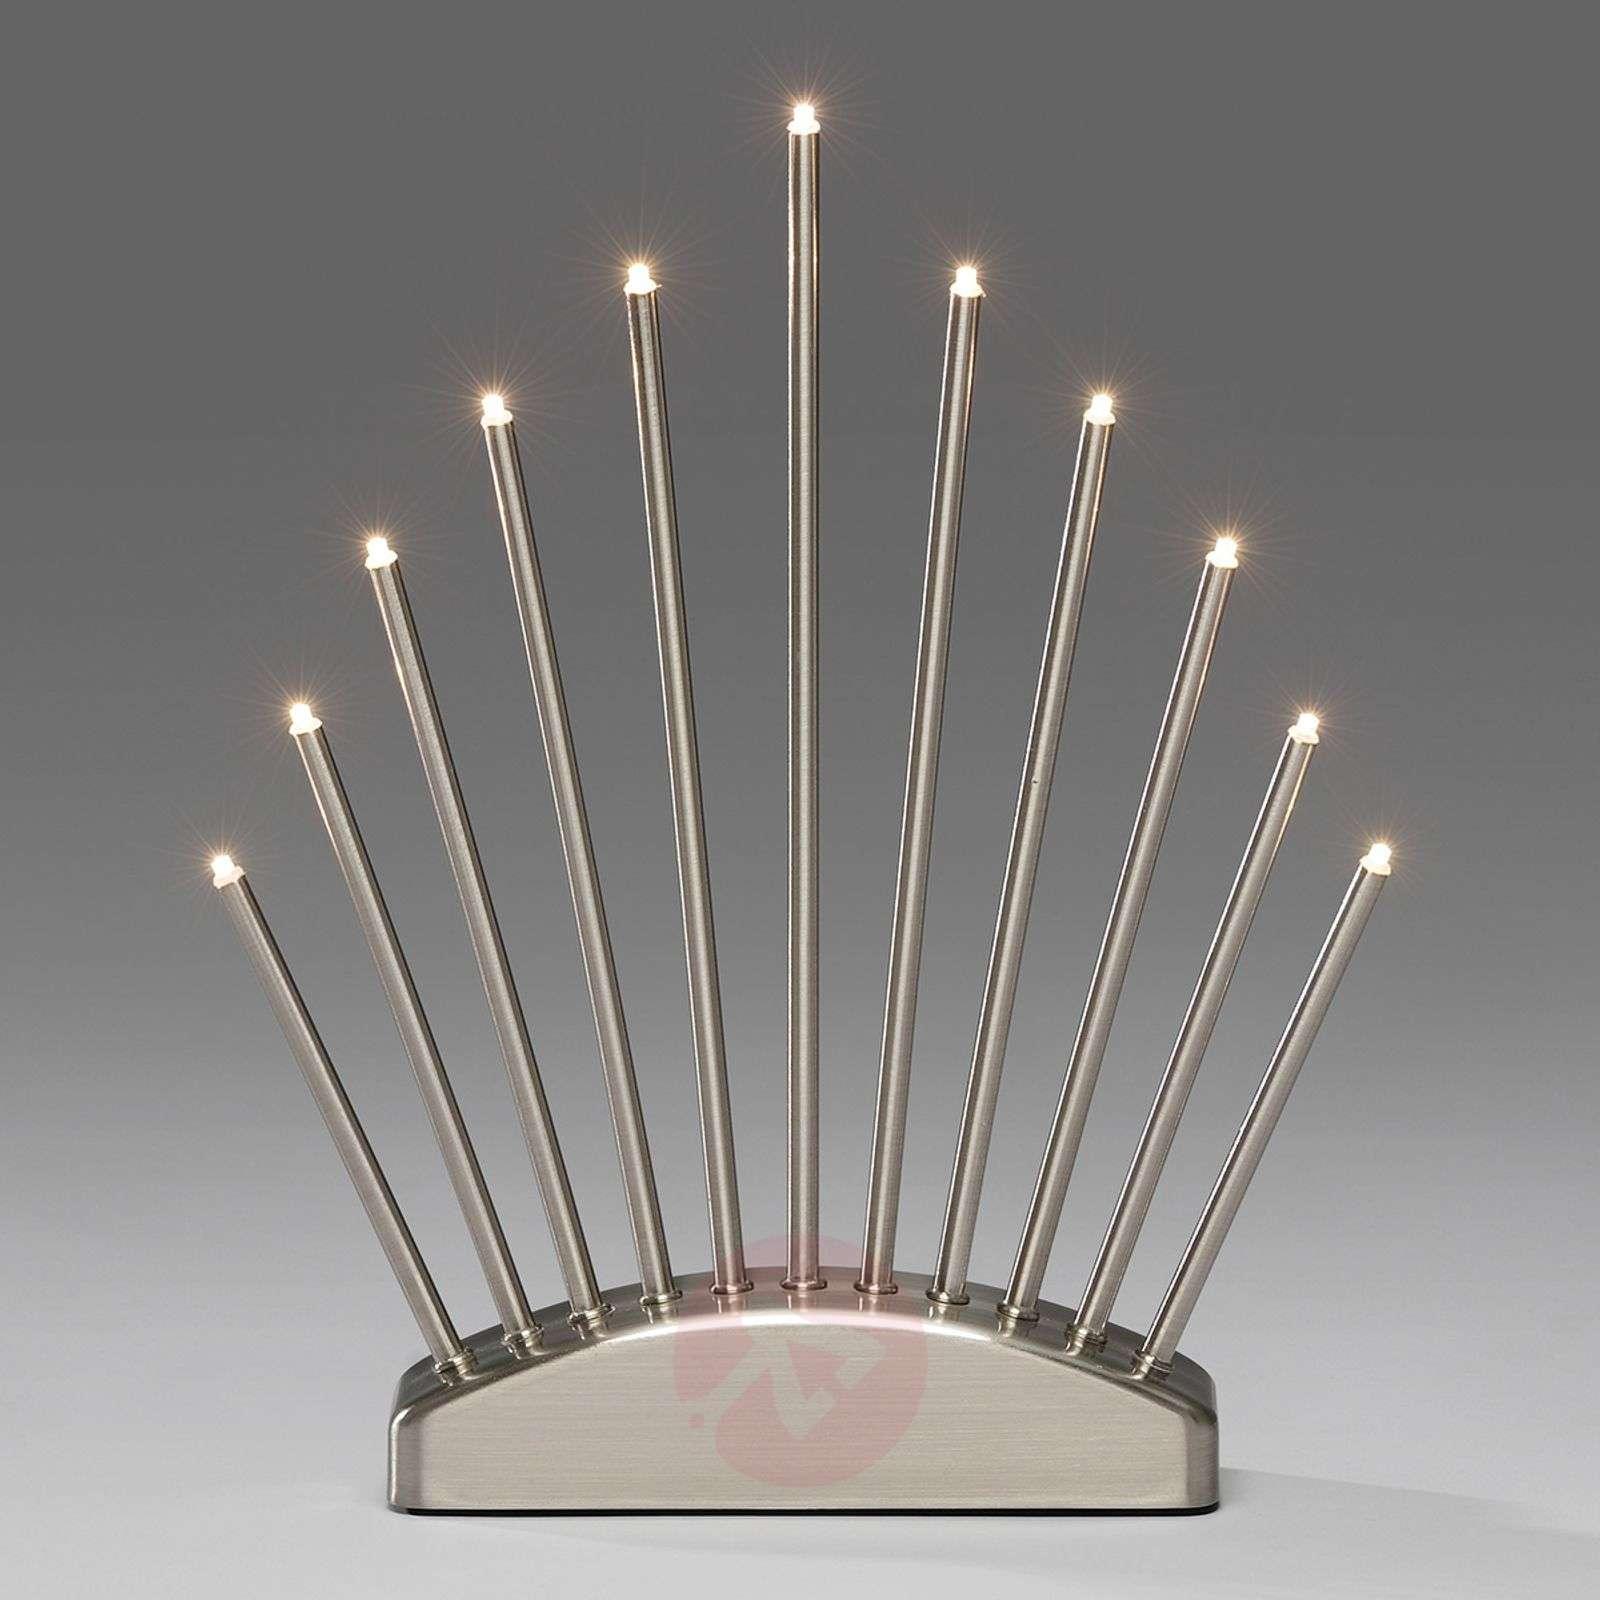 Puristinen LED-kynttelikkö Menja harjattu-5524494-01